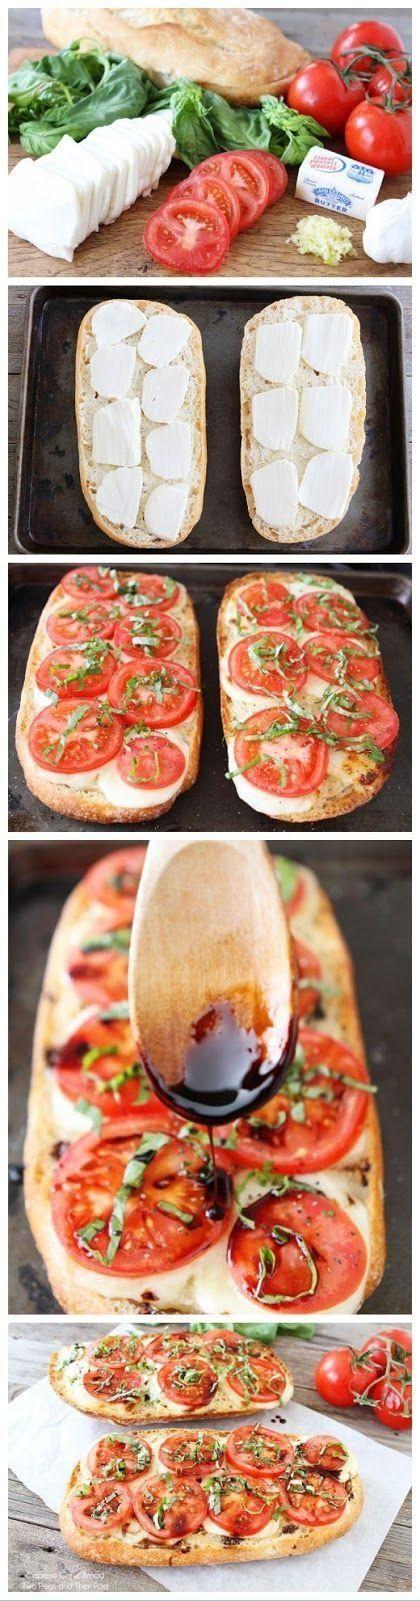 Caprese Garlic Bread | #Bread #Caprese #Garlic